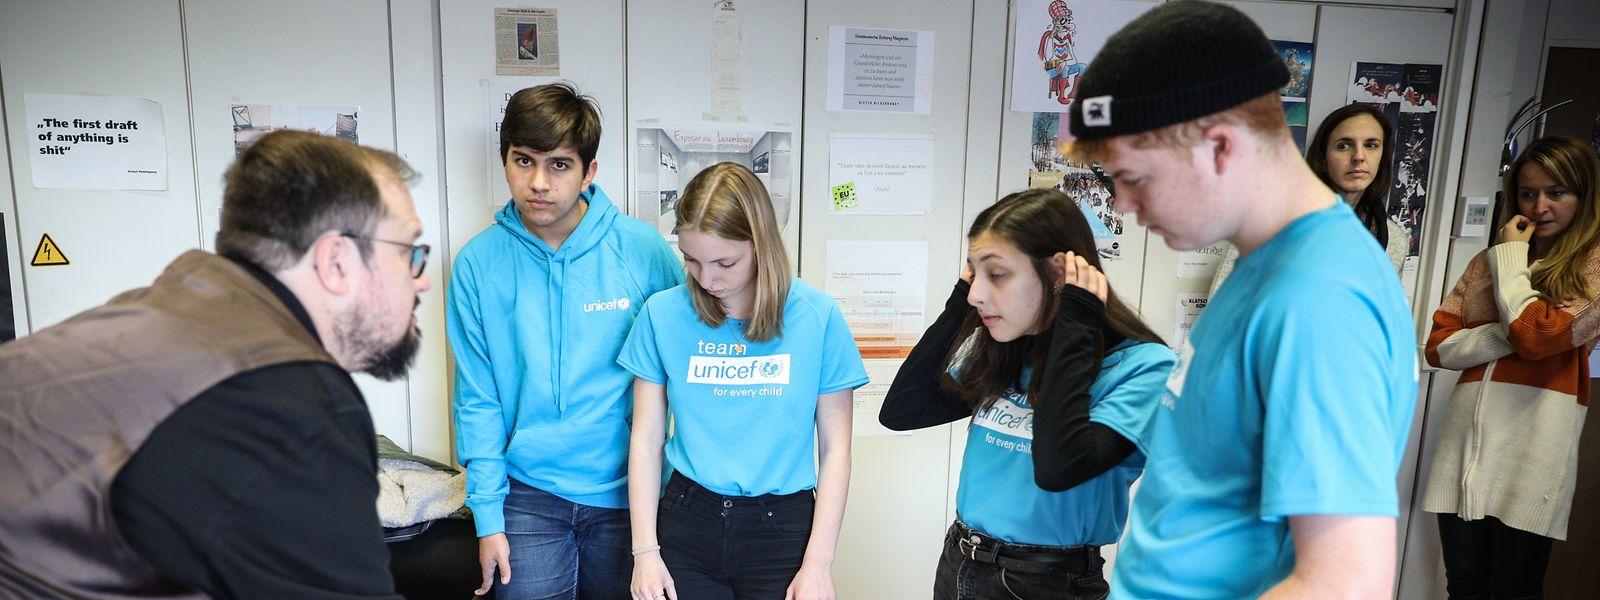 Politik, UNICEF Weltkindertag, Schüler in der Luxemburger Wort Redaktion, Foto: Guy Wolff/Luxemburger Wort